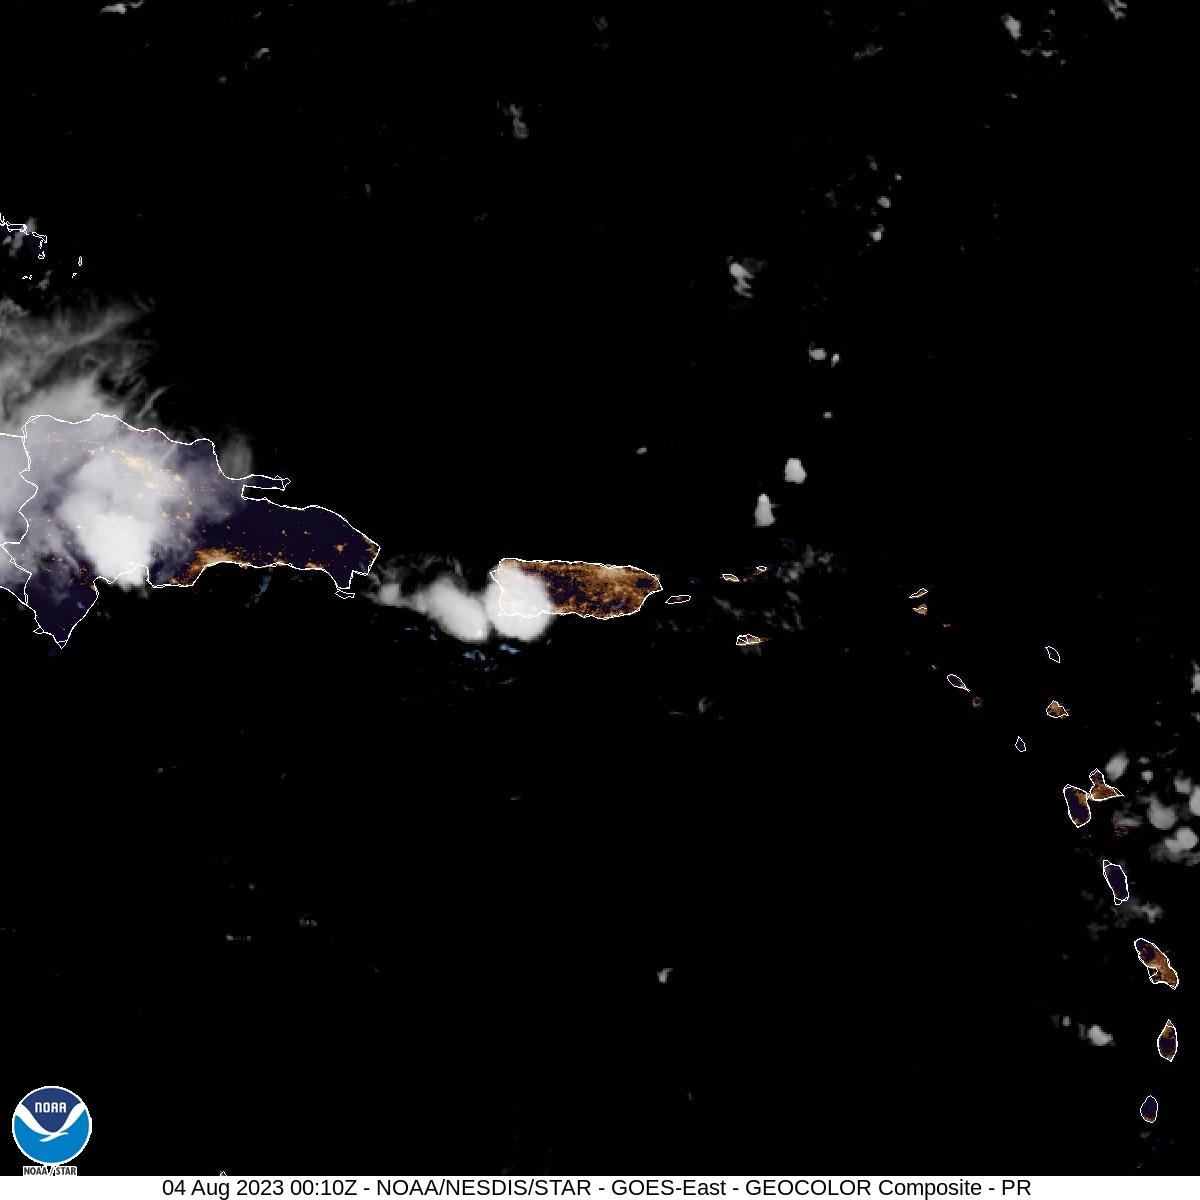 imagen-de-satélite-natural-puerto-rico-y-república-dominicana